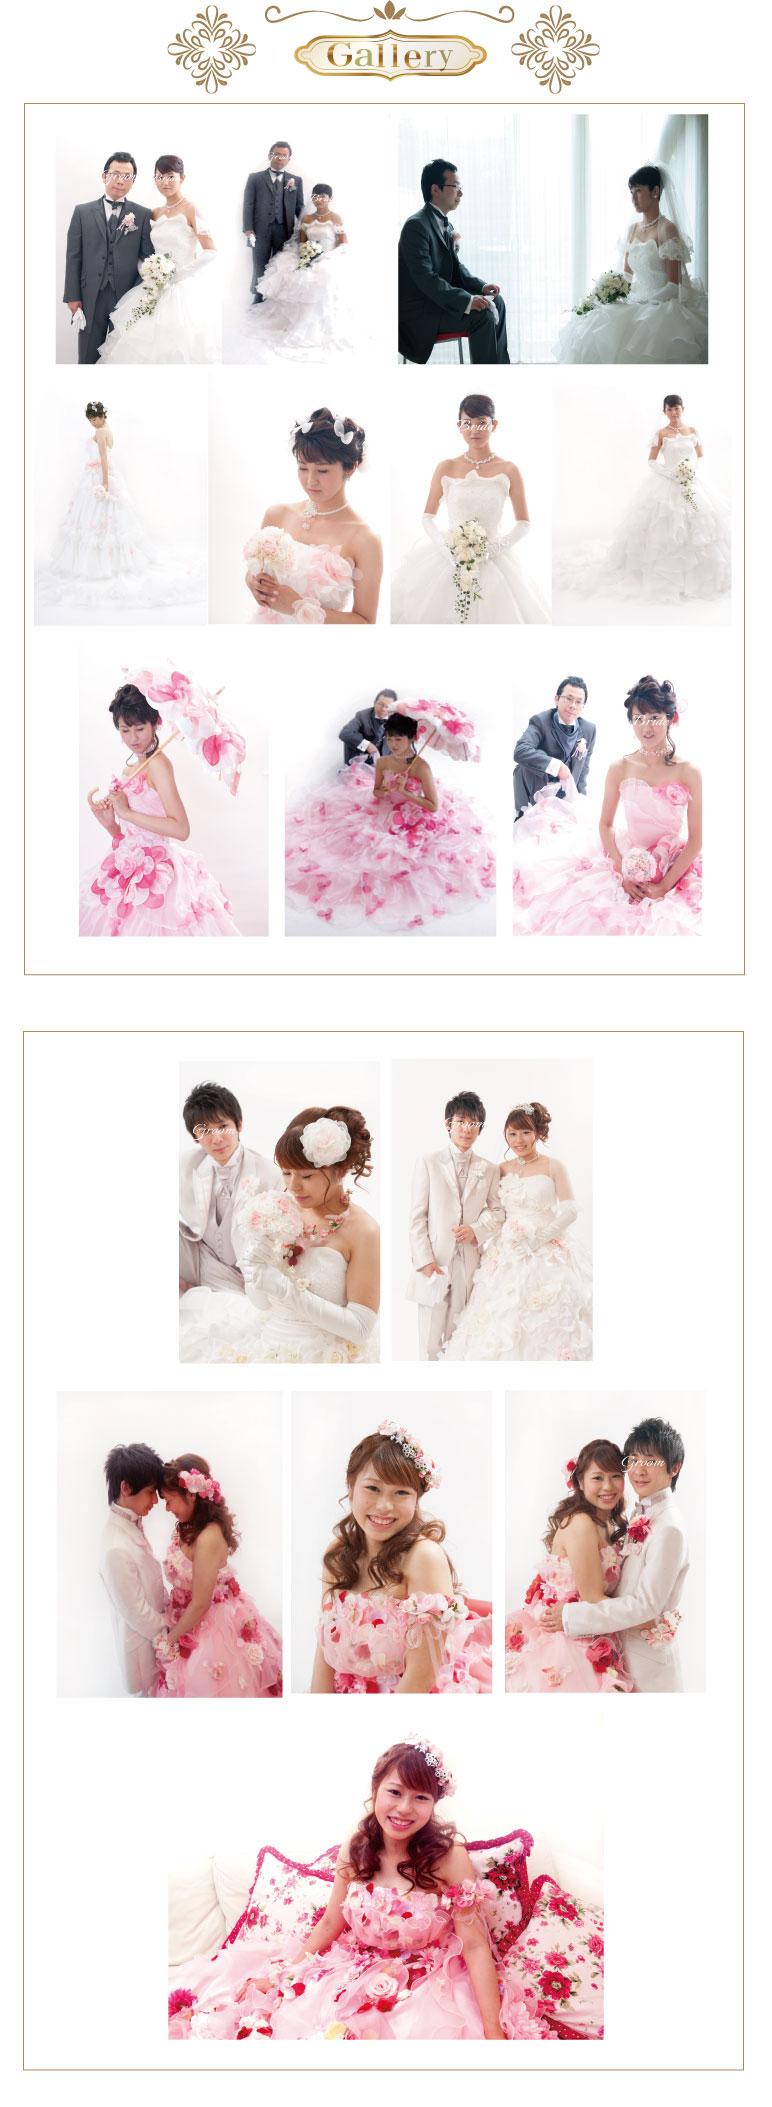 結婚写真のフォトプランイメージギャラリー